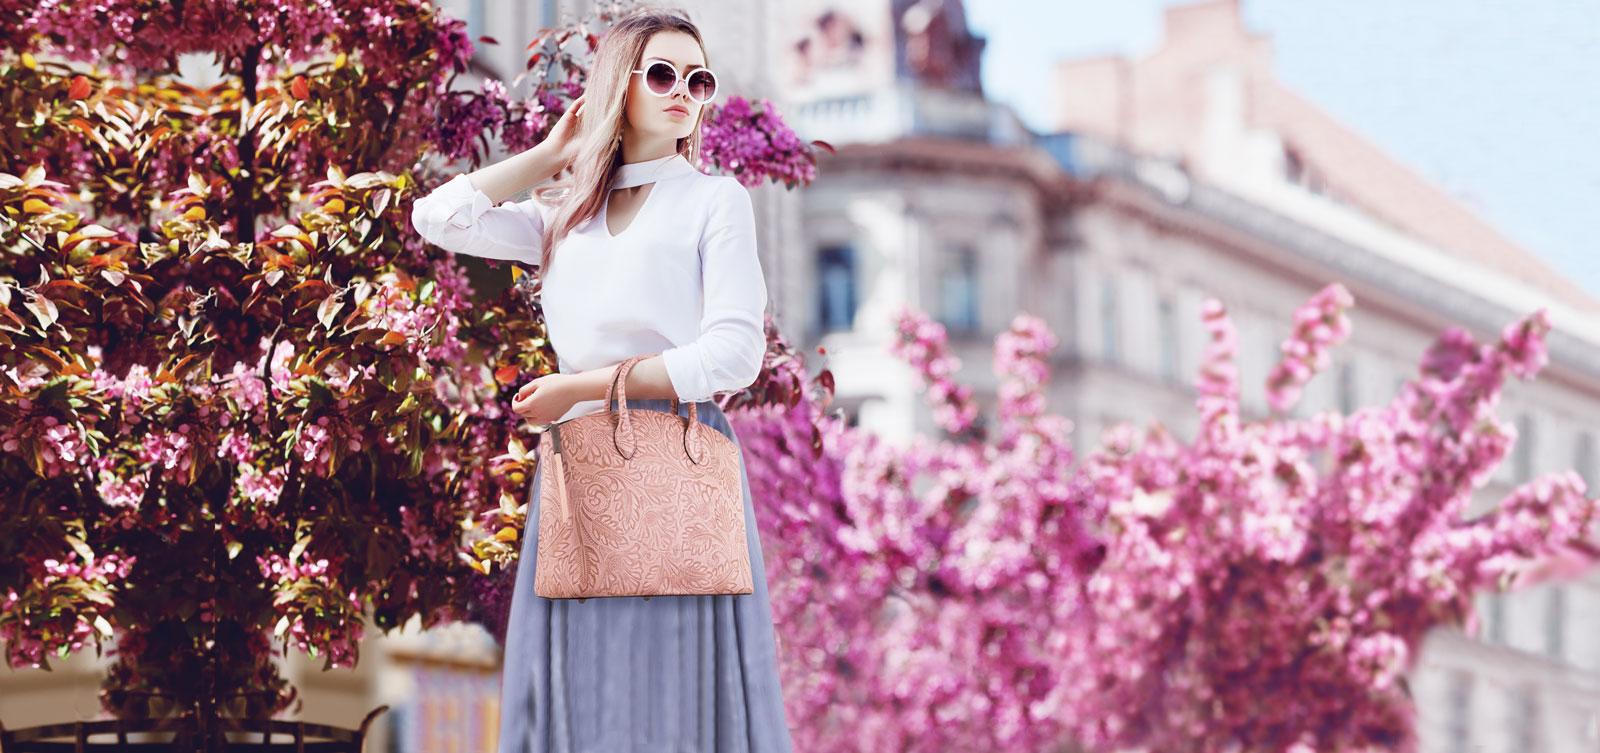 イタリア製本革バッグショップAmicaMakoアミーカマコ、2018Spring/Summer Collection、春夏コレクション